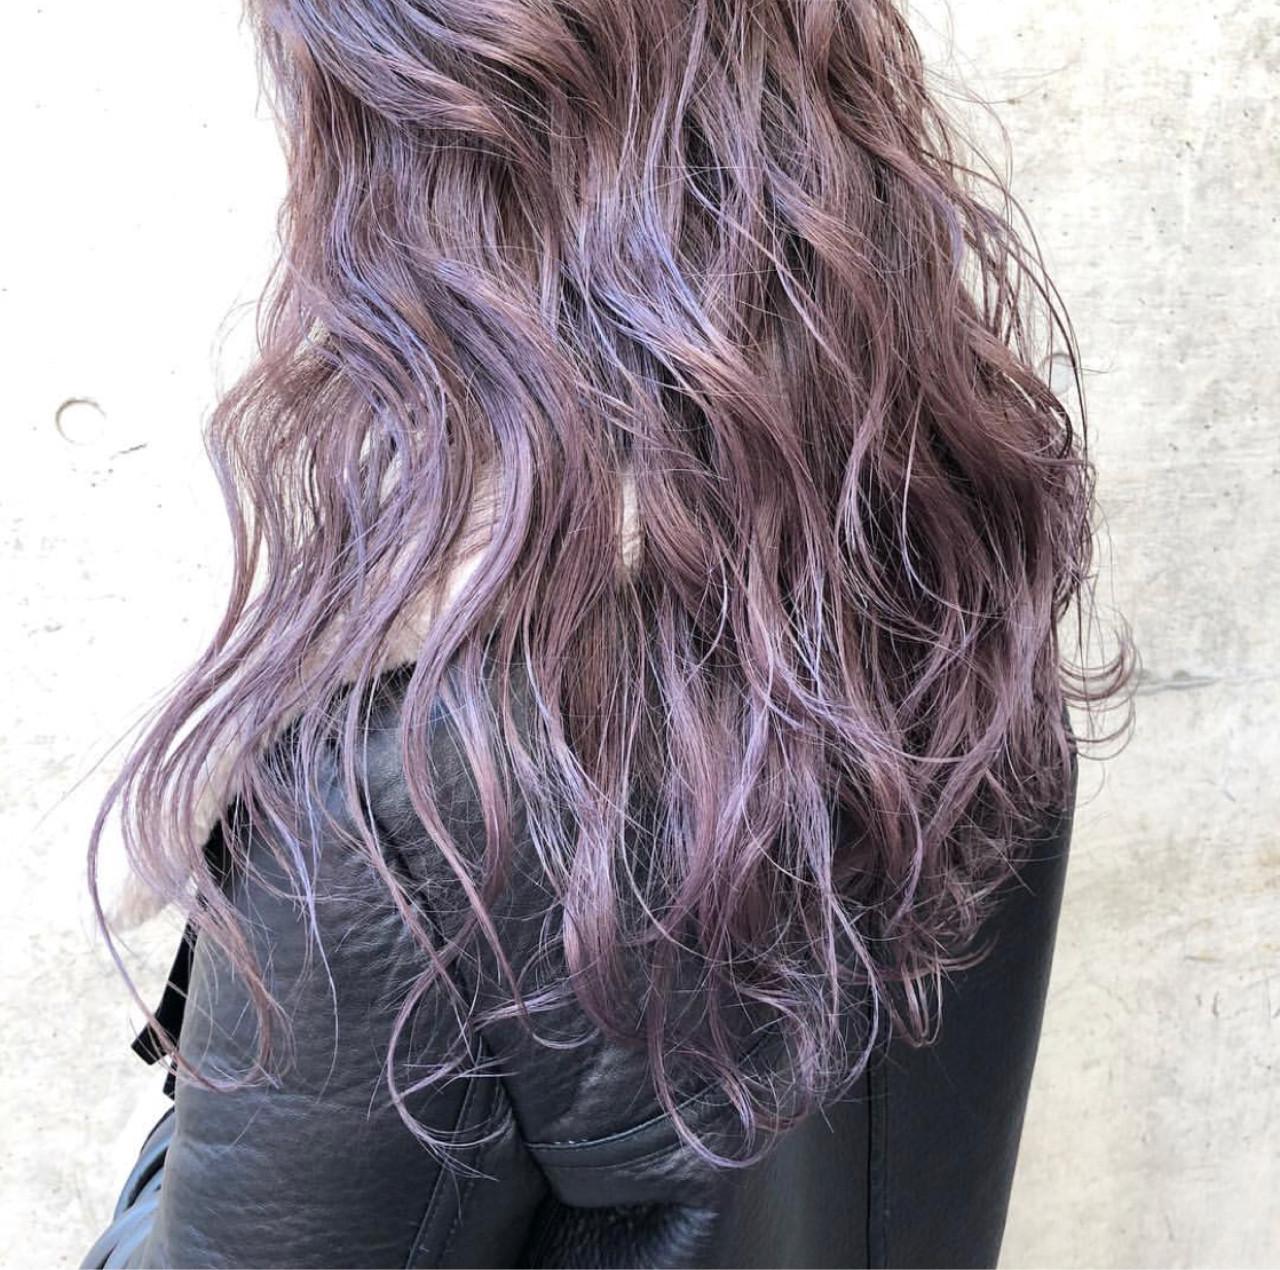 ラベンダーアッシュ ラベンダー ロング 外国人風カラー ヘアスタイルや髪型の写真・画像 | AKANE / LOGUE